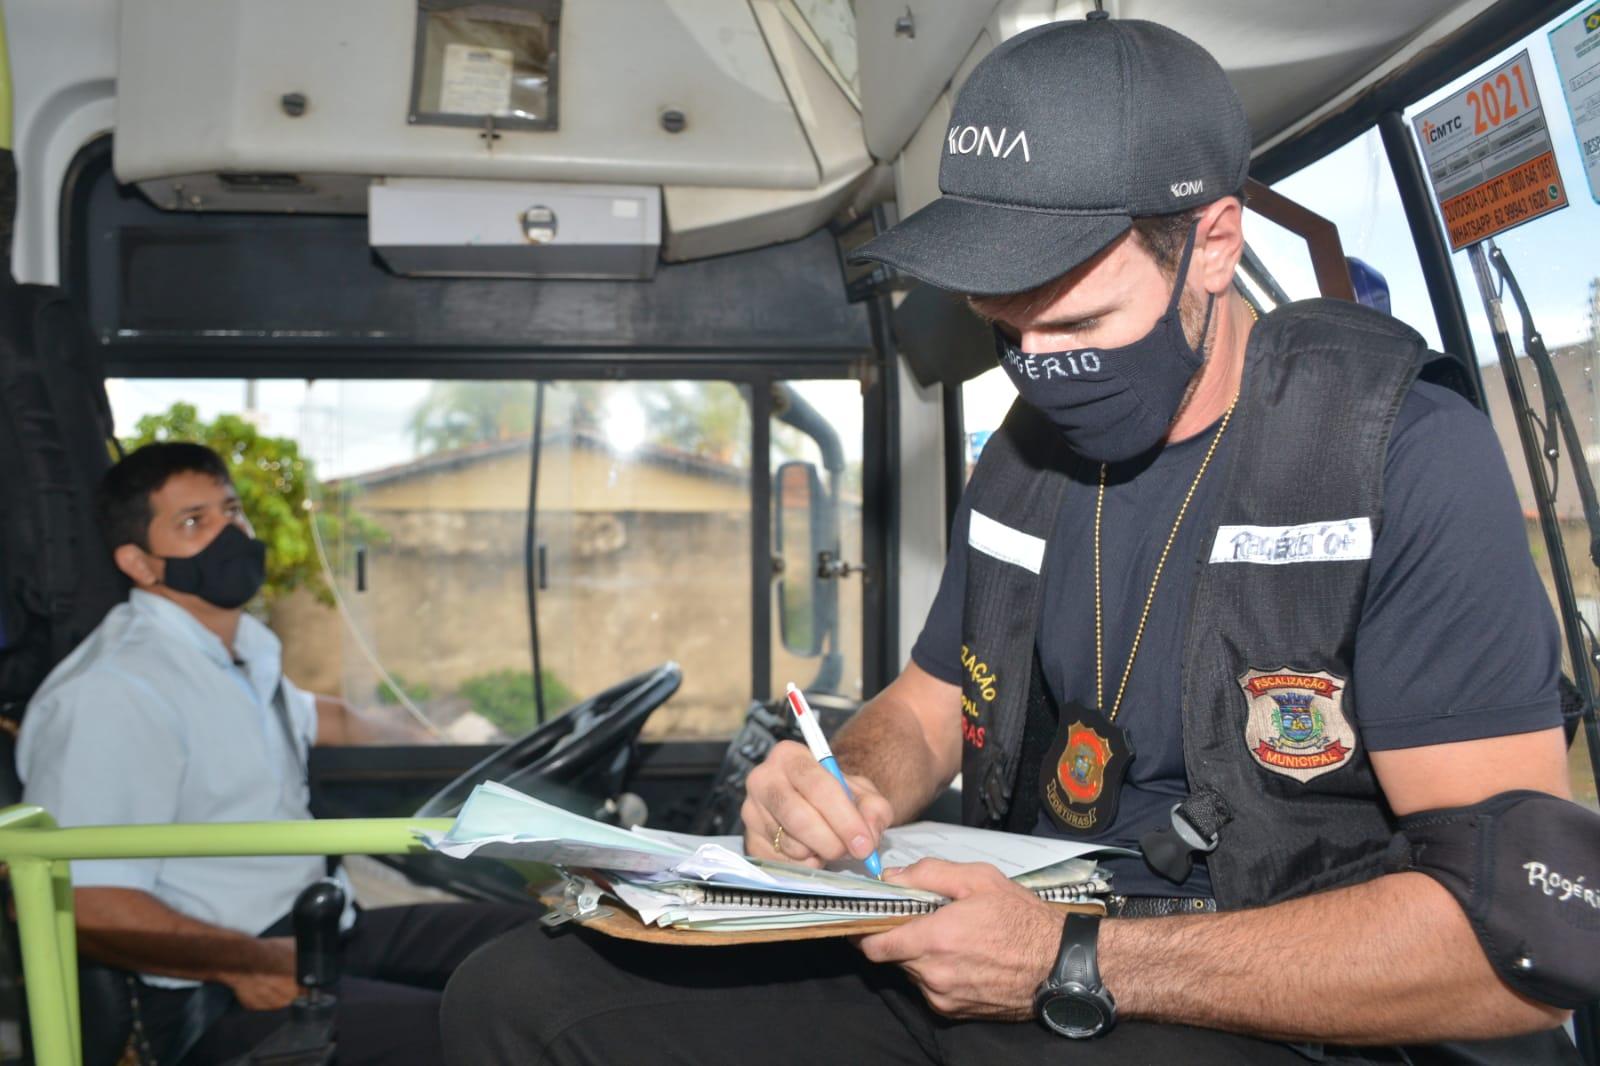 Fiscalização multa mais de 70 ônibus por superlotação em terminais de Aparecida (Foto: Divulgação/SecomAparecida)